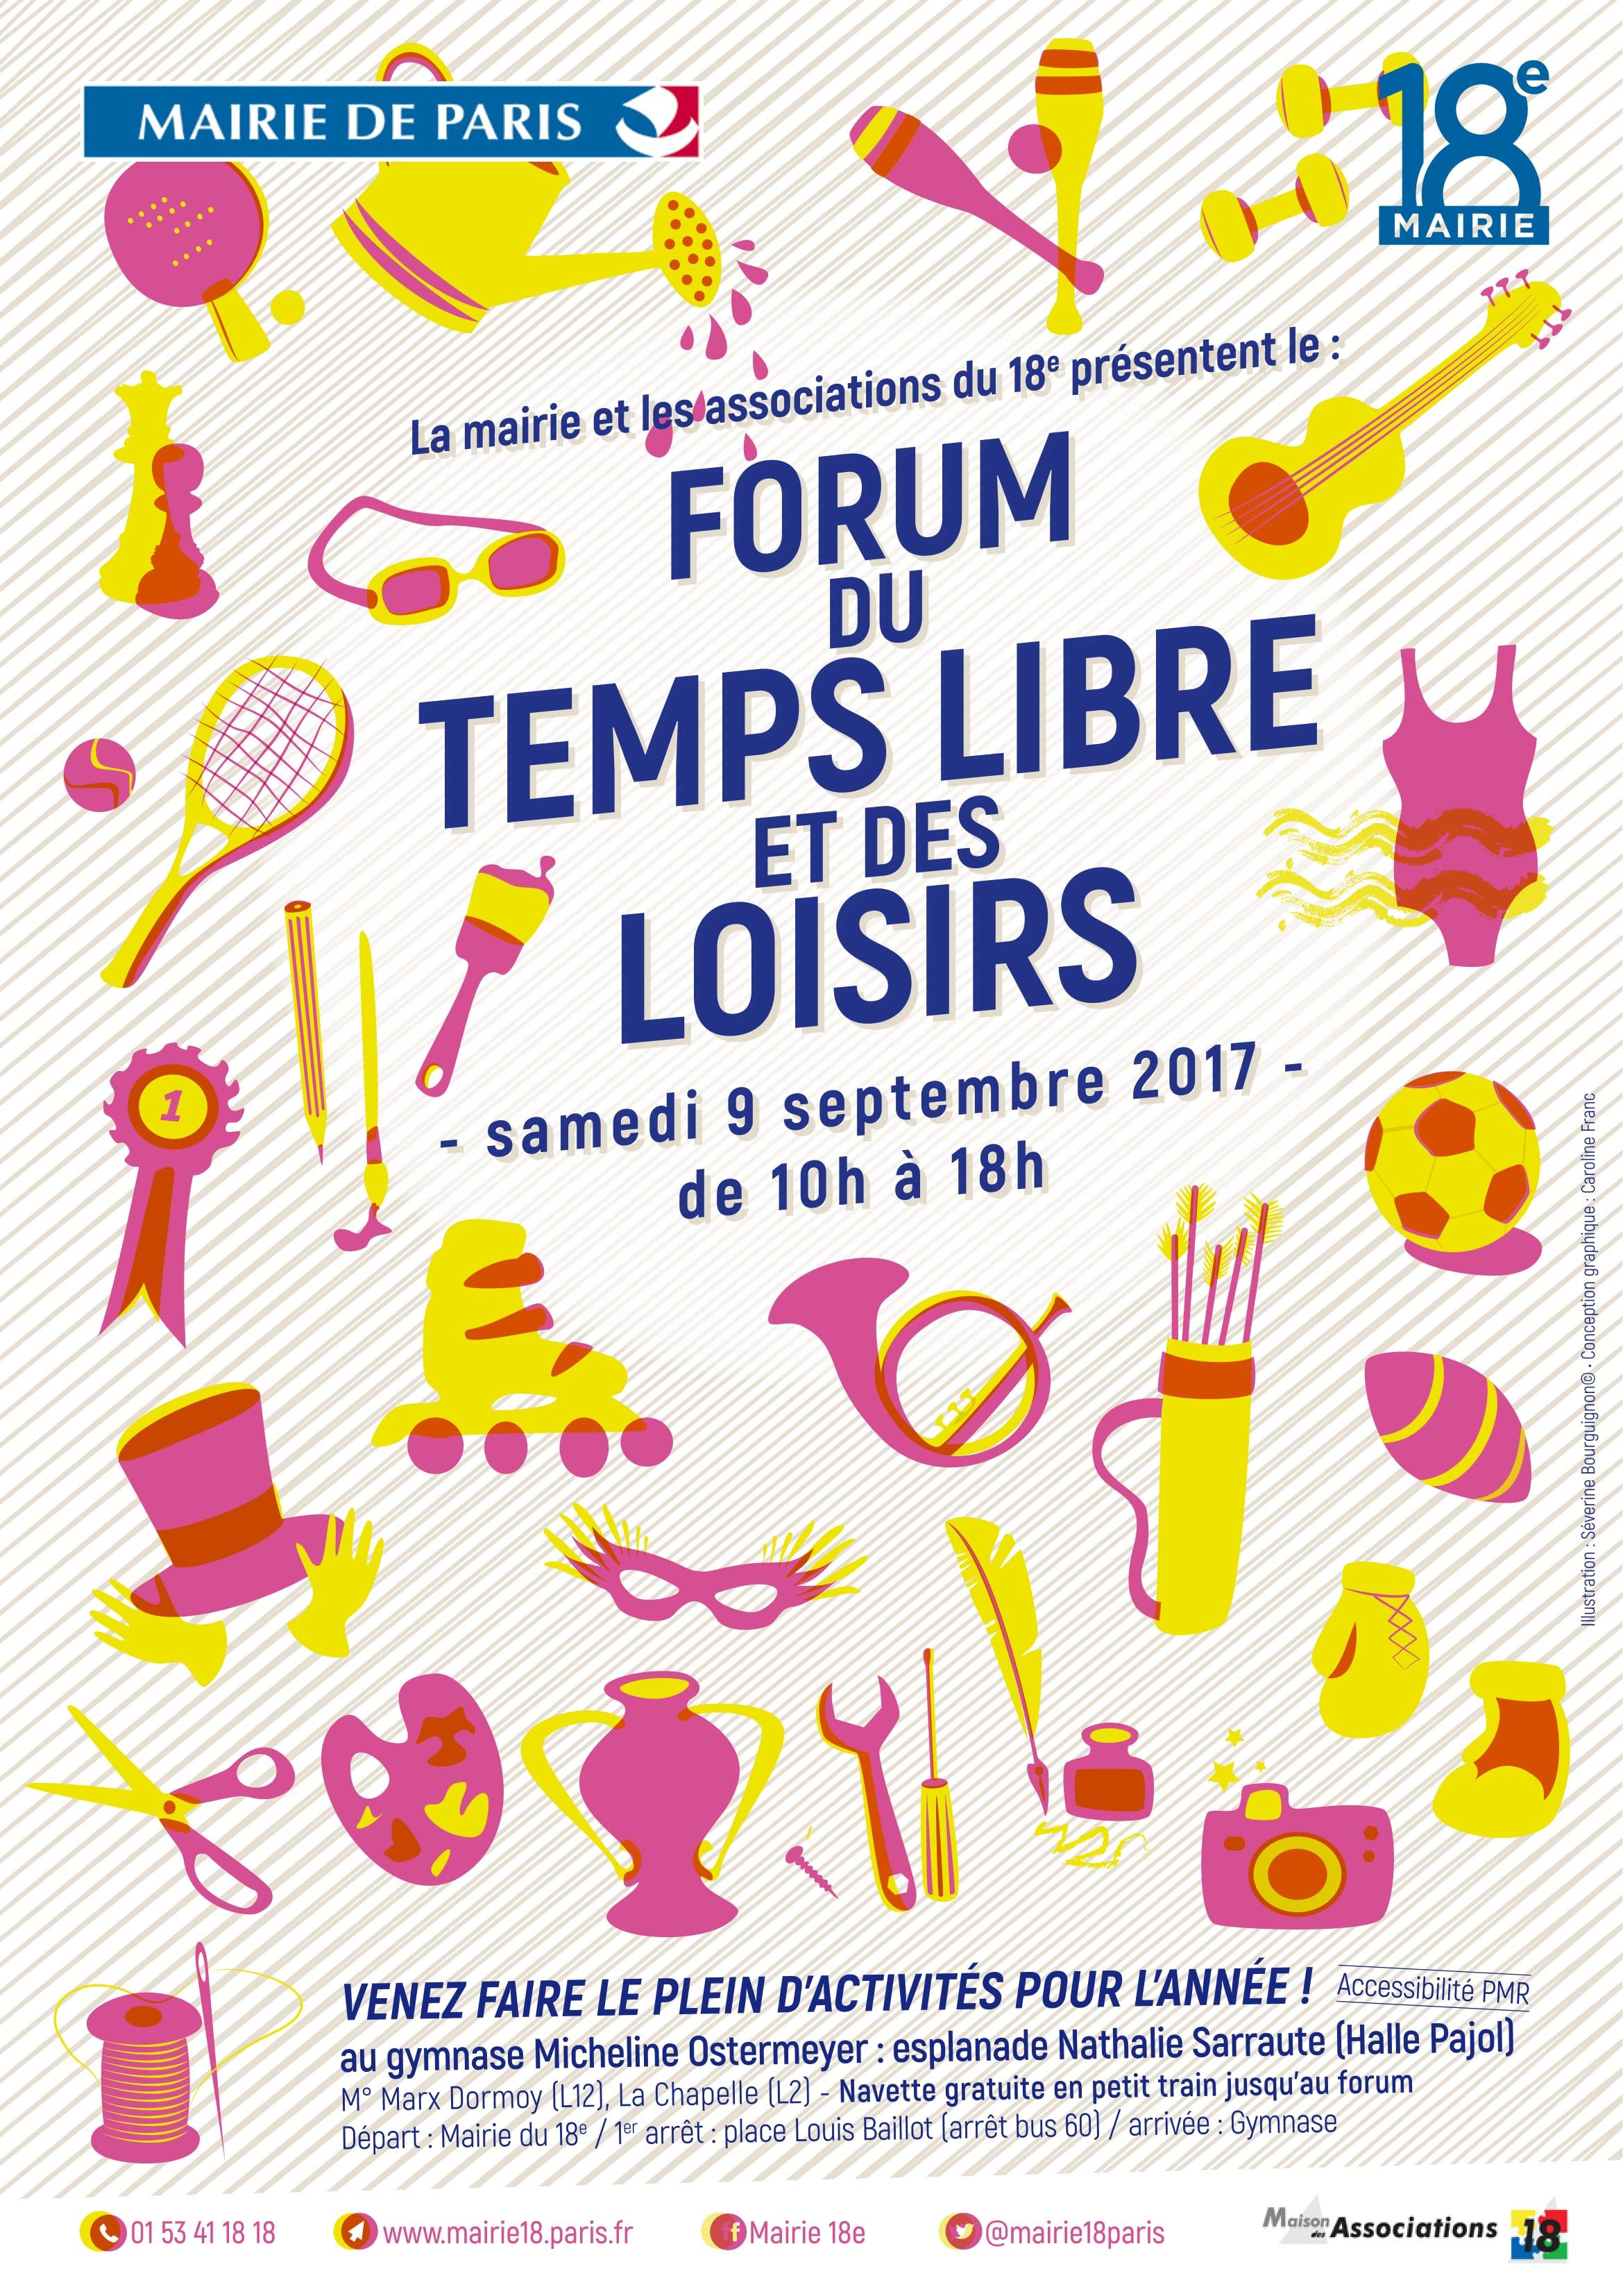 Retrouvez-nous au 16e Forum du temps libre et des loisirs, samedi 9 septembre !